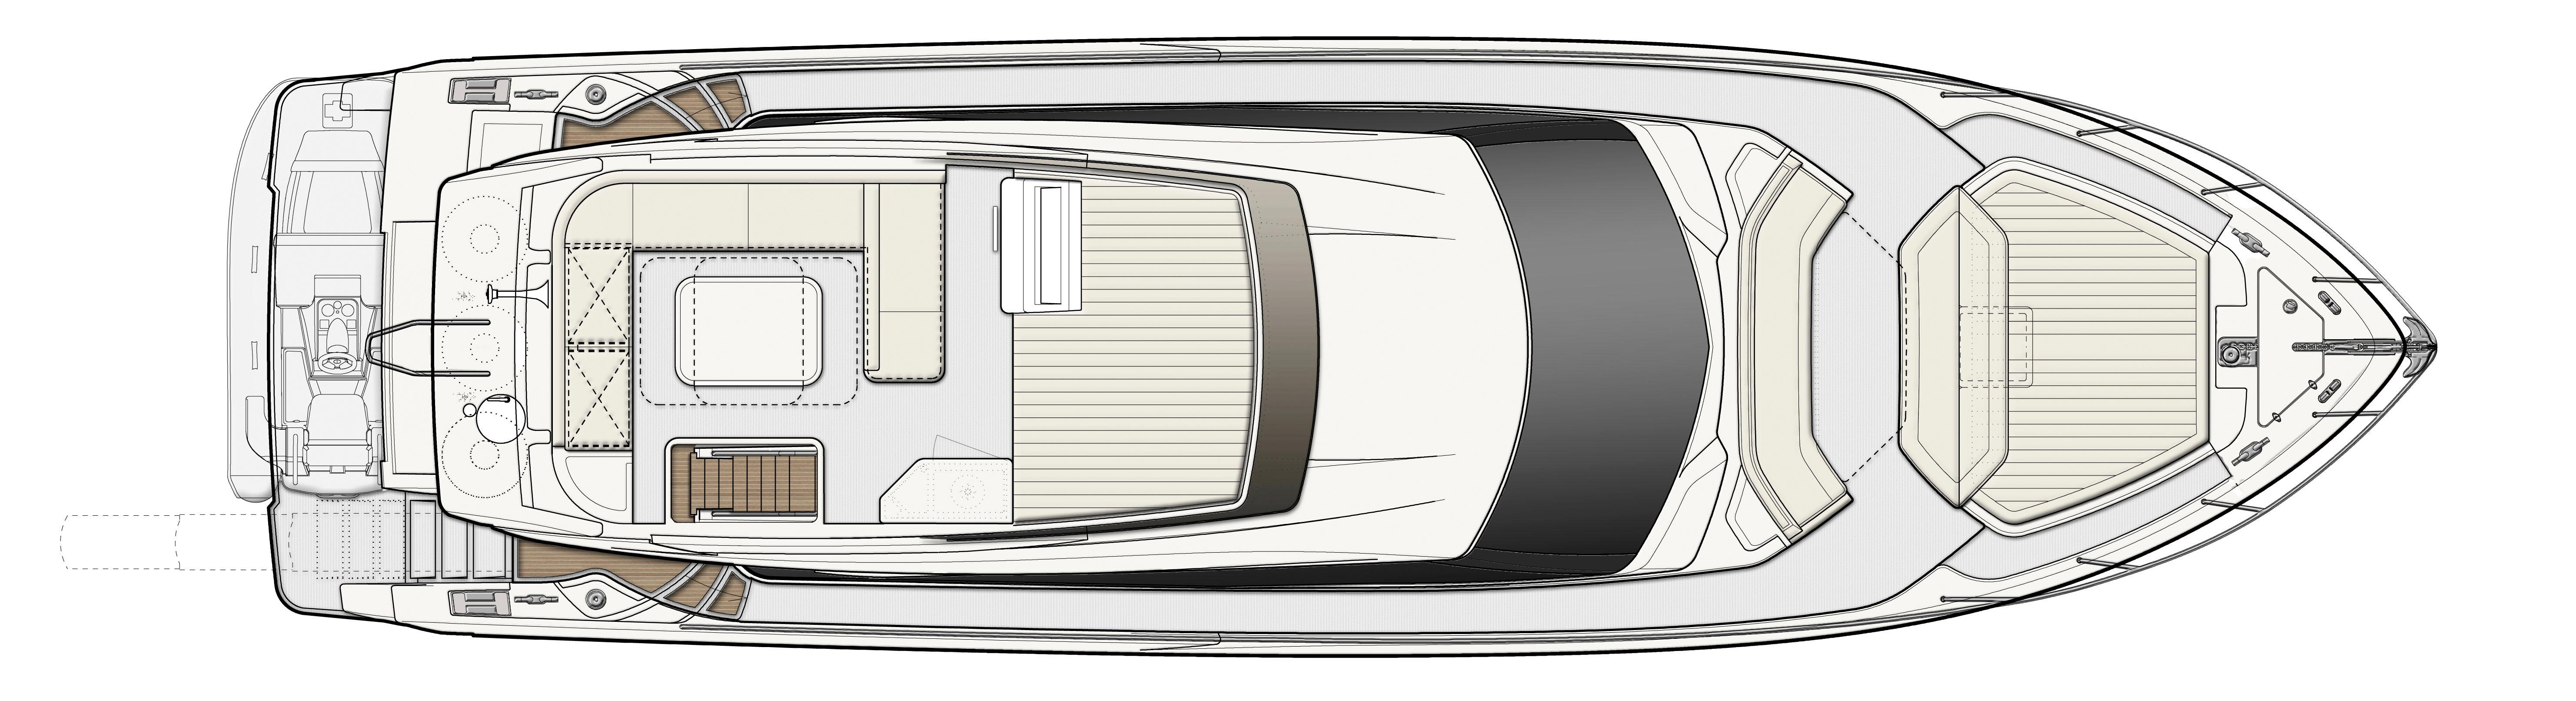 Ferretti 550 Flybridge Layout plan